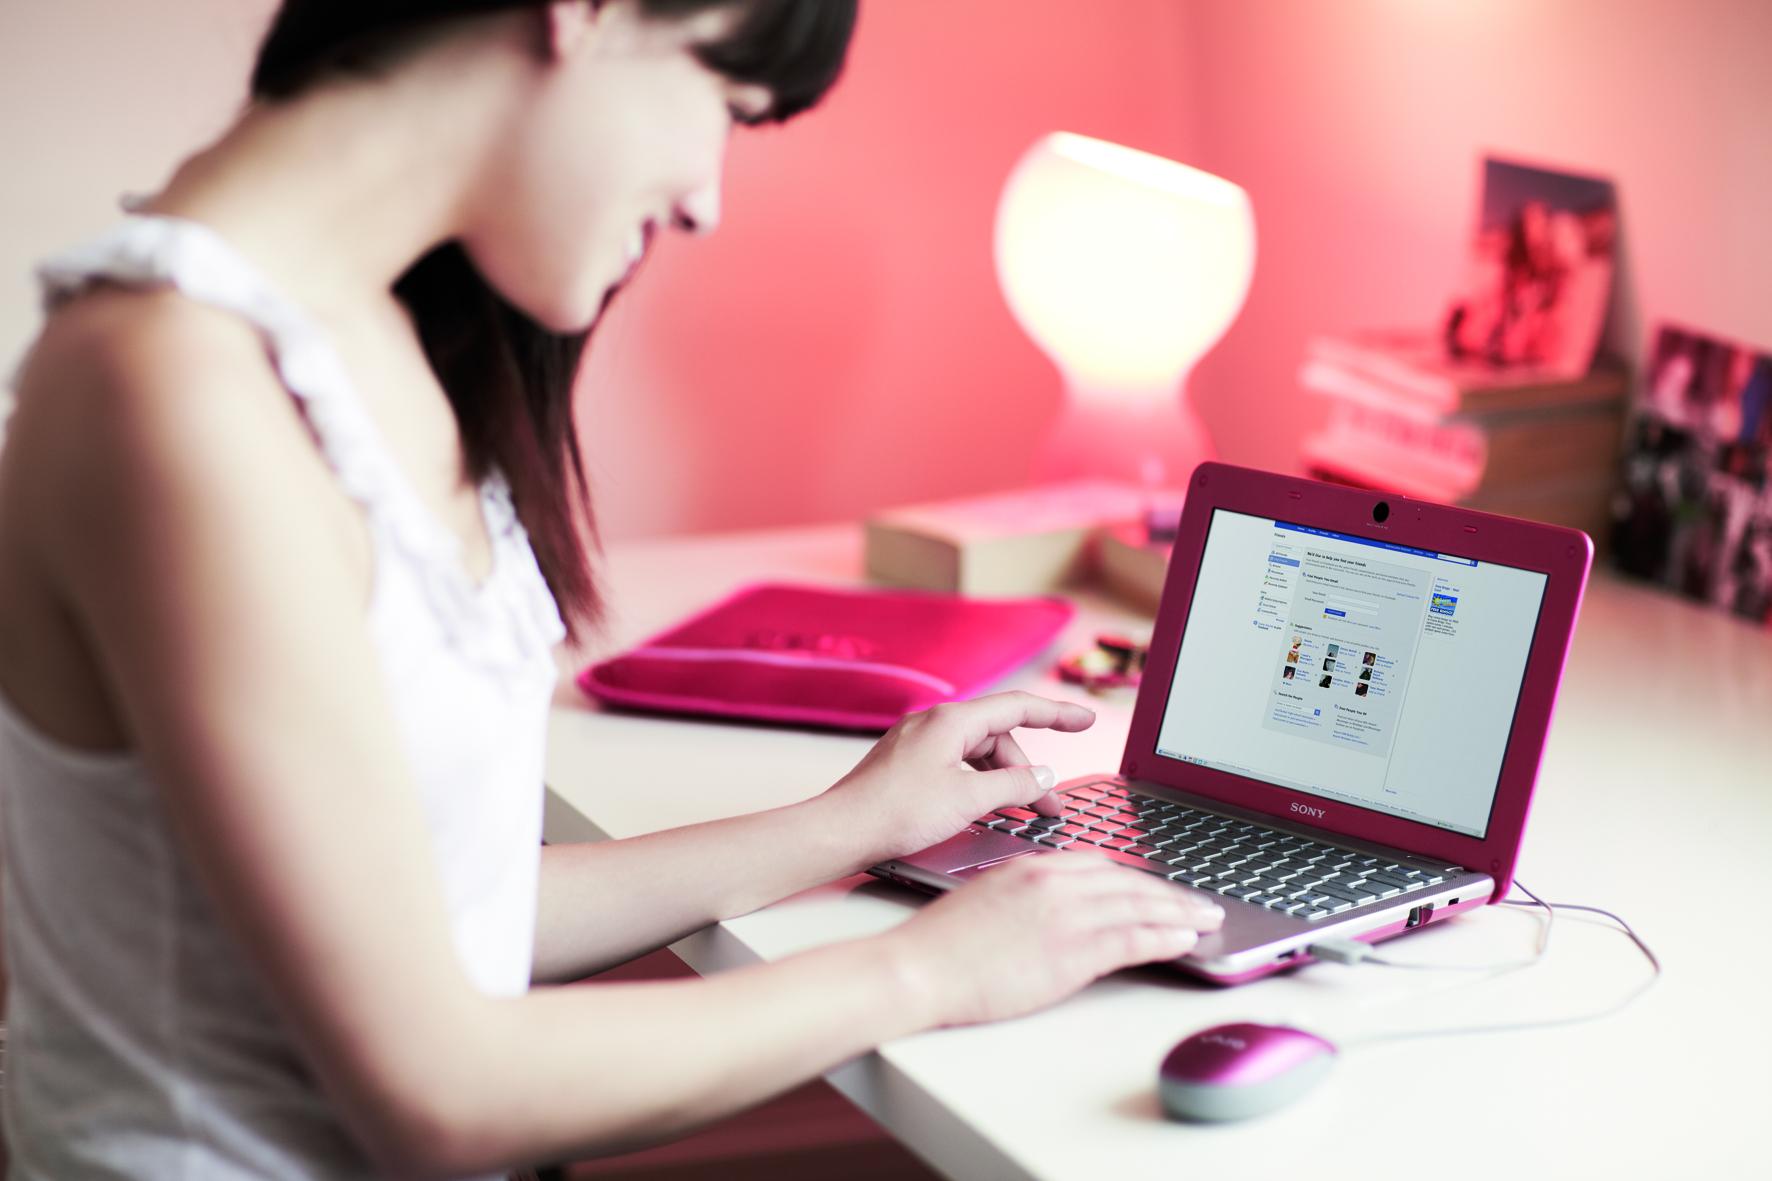 Как подать на развод в одностороннем порядке через интернет